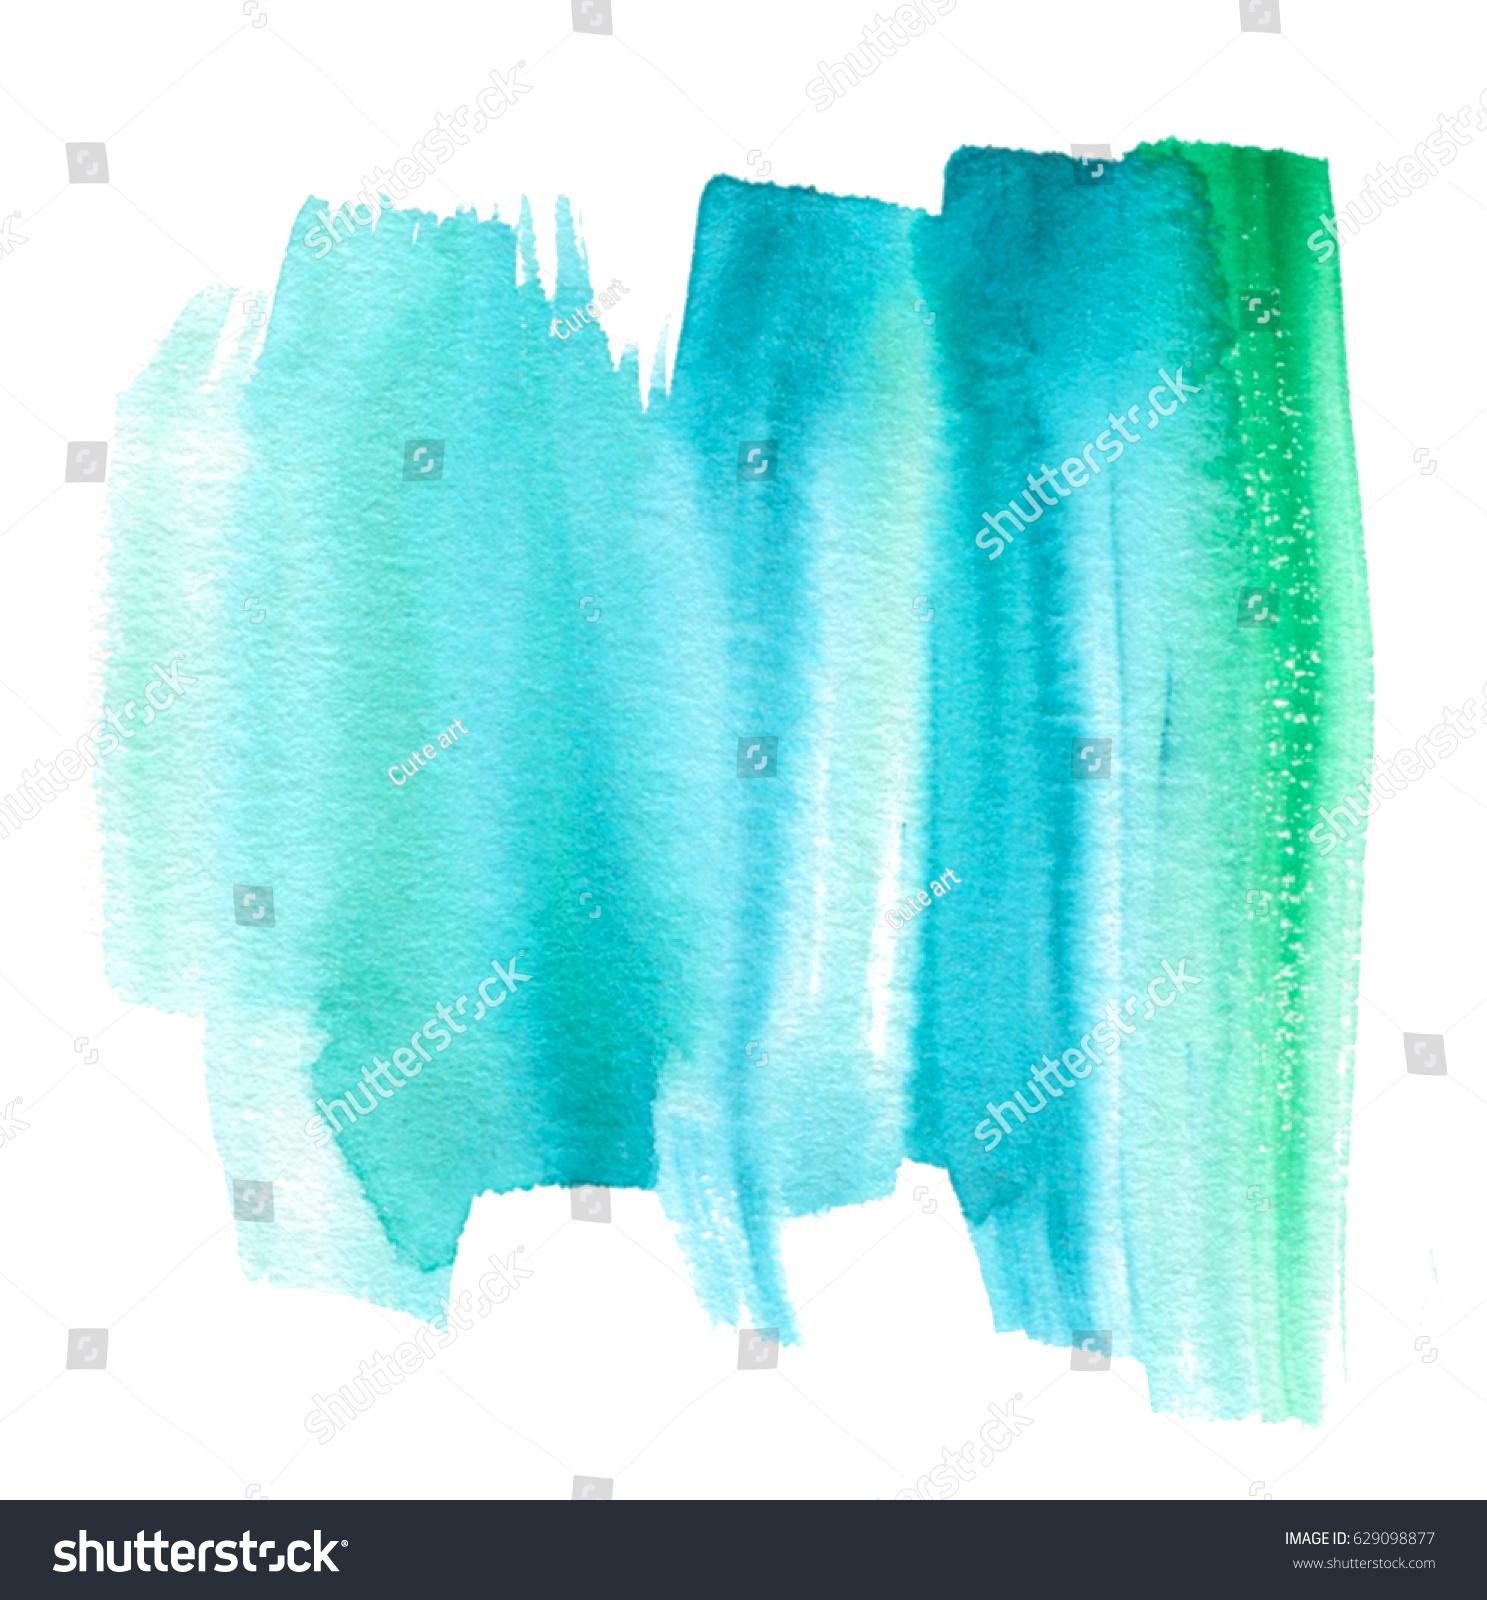 白い背景に水色の緑の青の色の手描きの線分 壁紙 テキストデザイン用